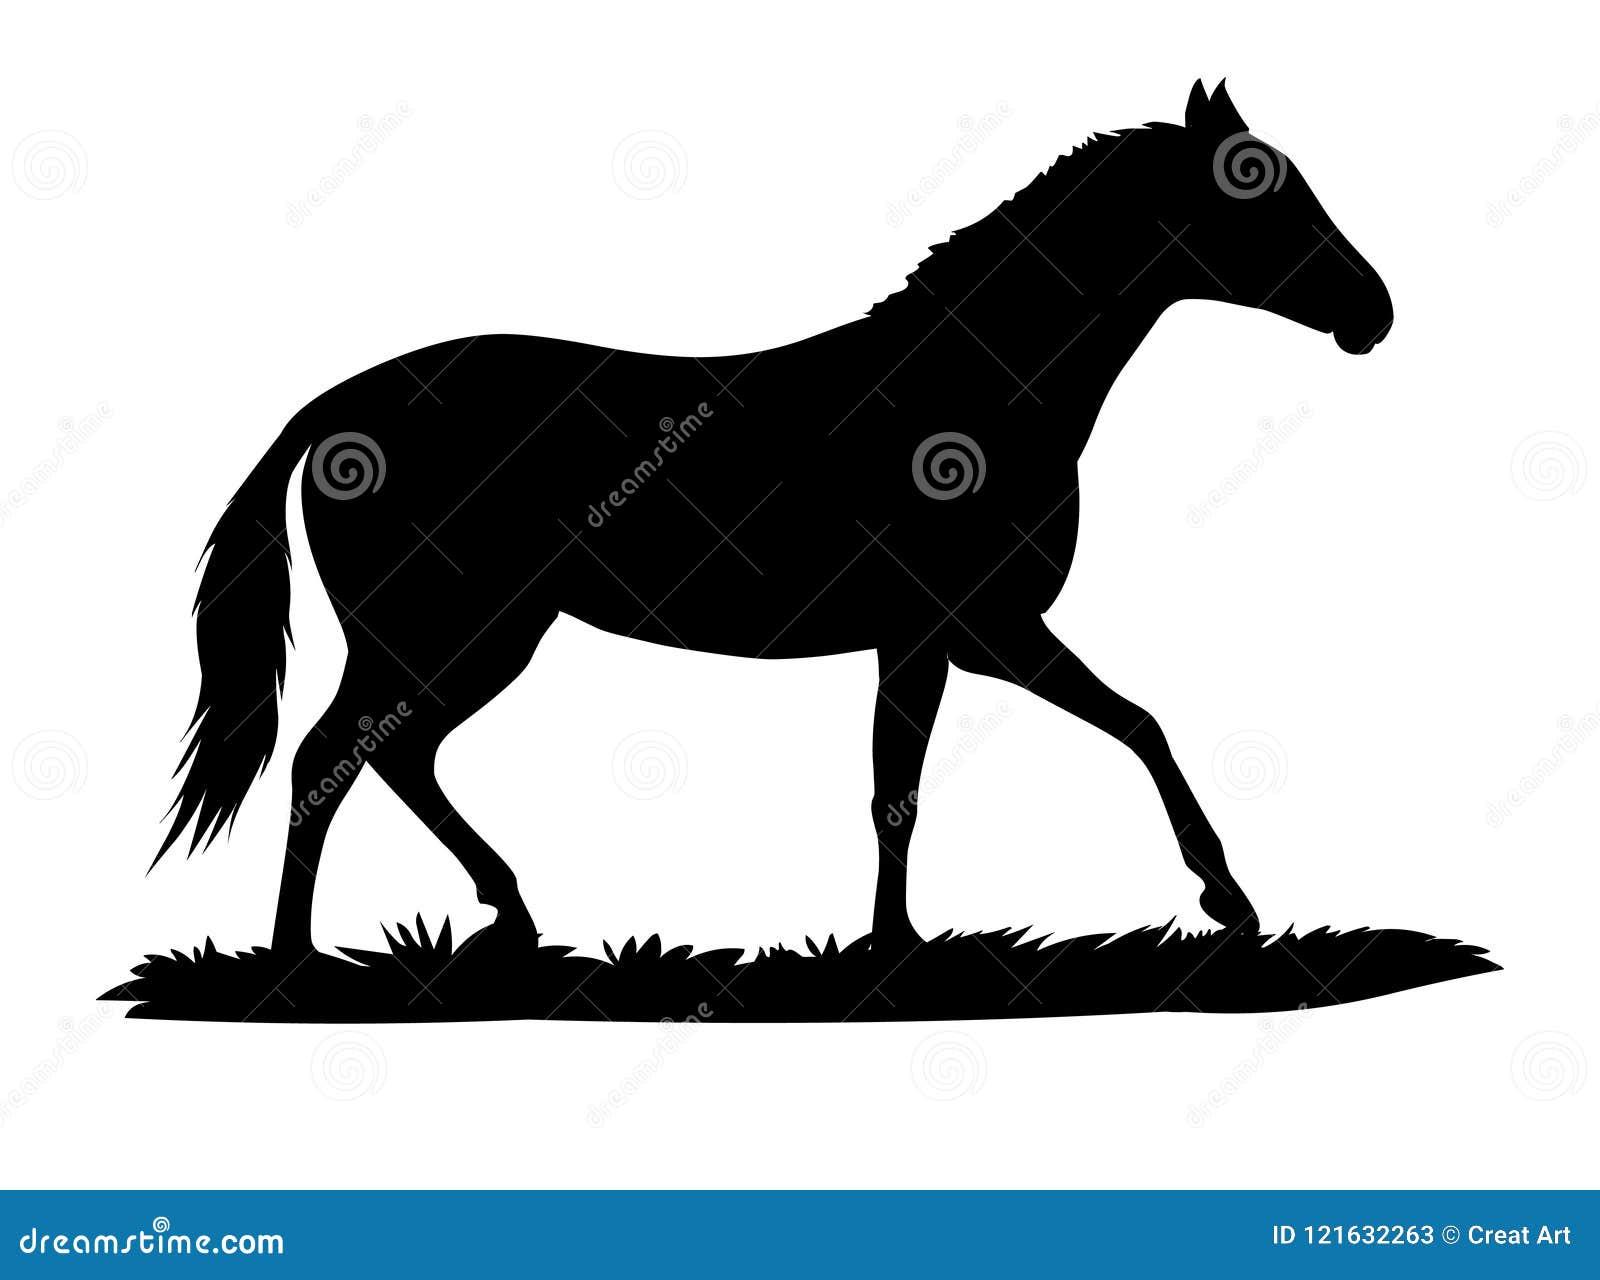 Horse Walking Silhouette Vector Animal Illustartion Stock Vector Illustration Of White Pony 121632263